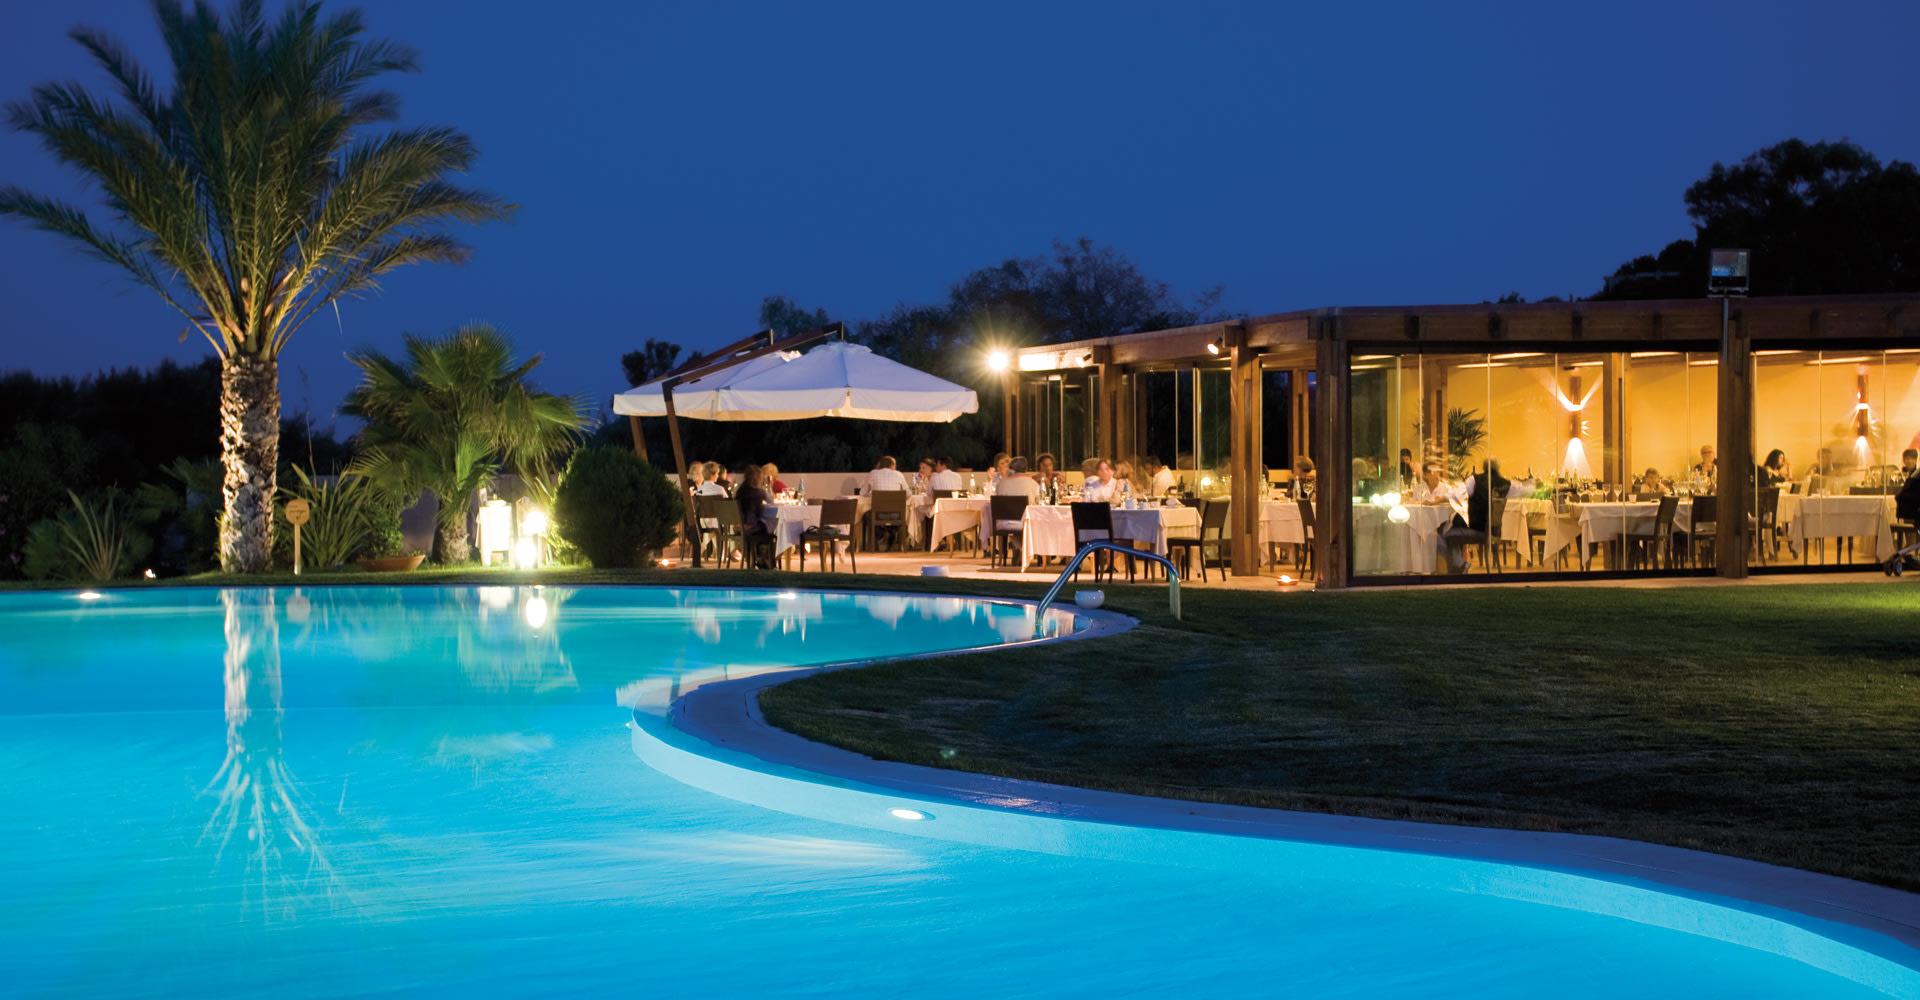 Pool und Restaurant am Abend